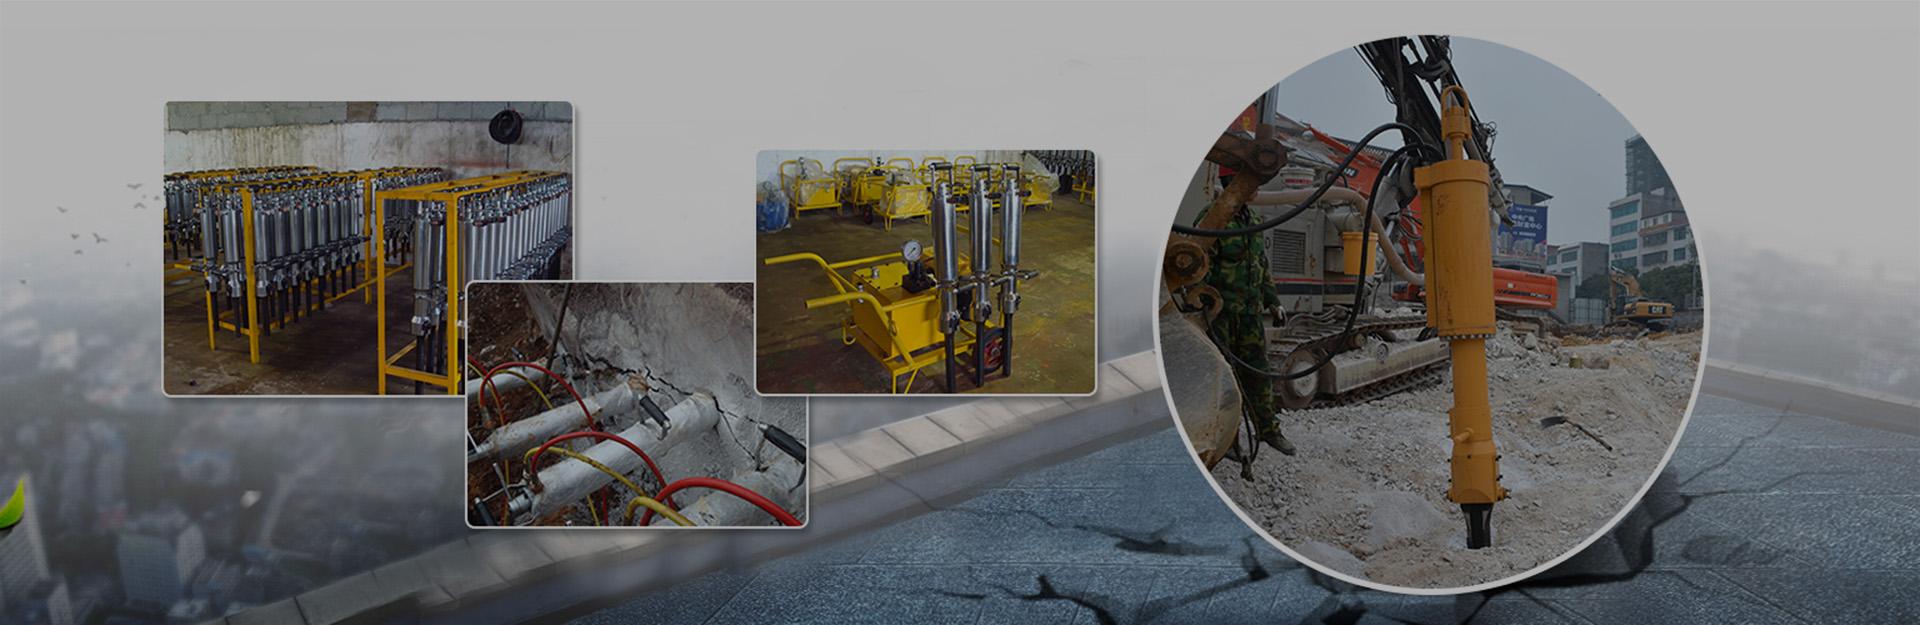 掌握核心技术,打造劈裂机过硬品质